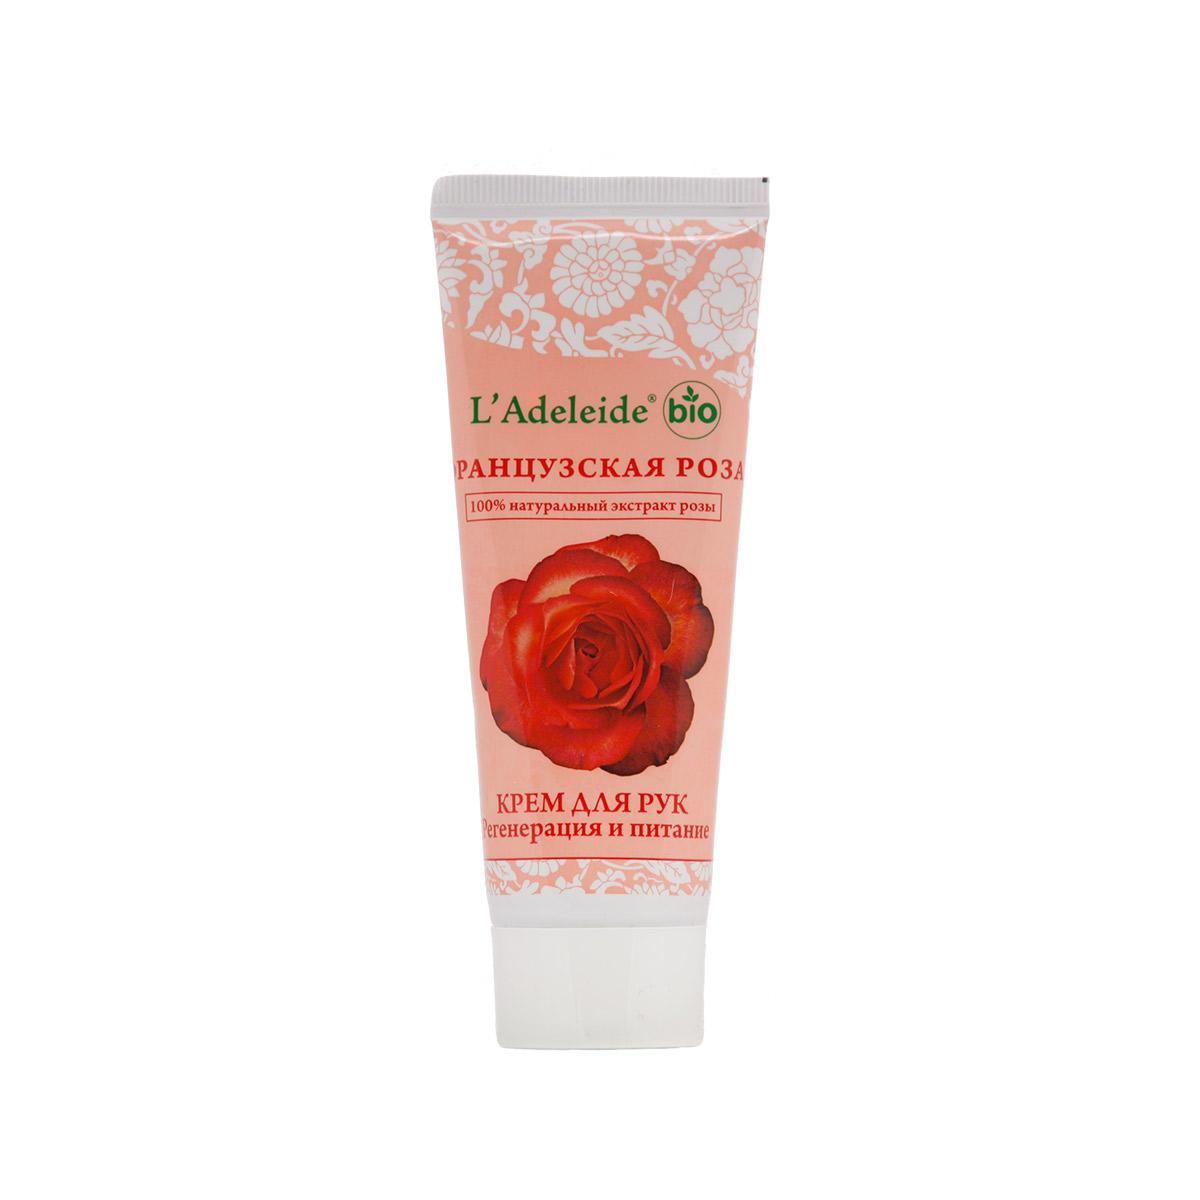 L'Adeleide Крем для рук Французская роза Антивозрастной, 75 мл